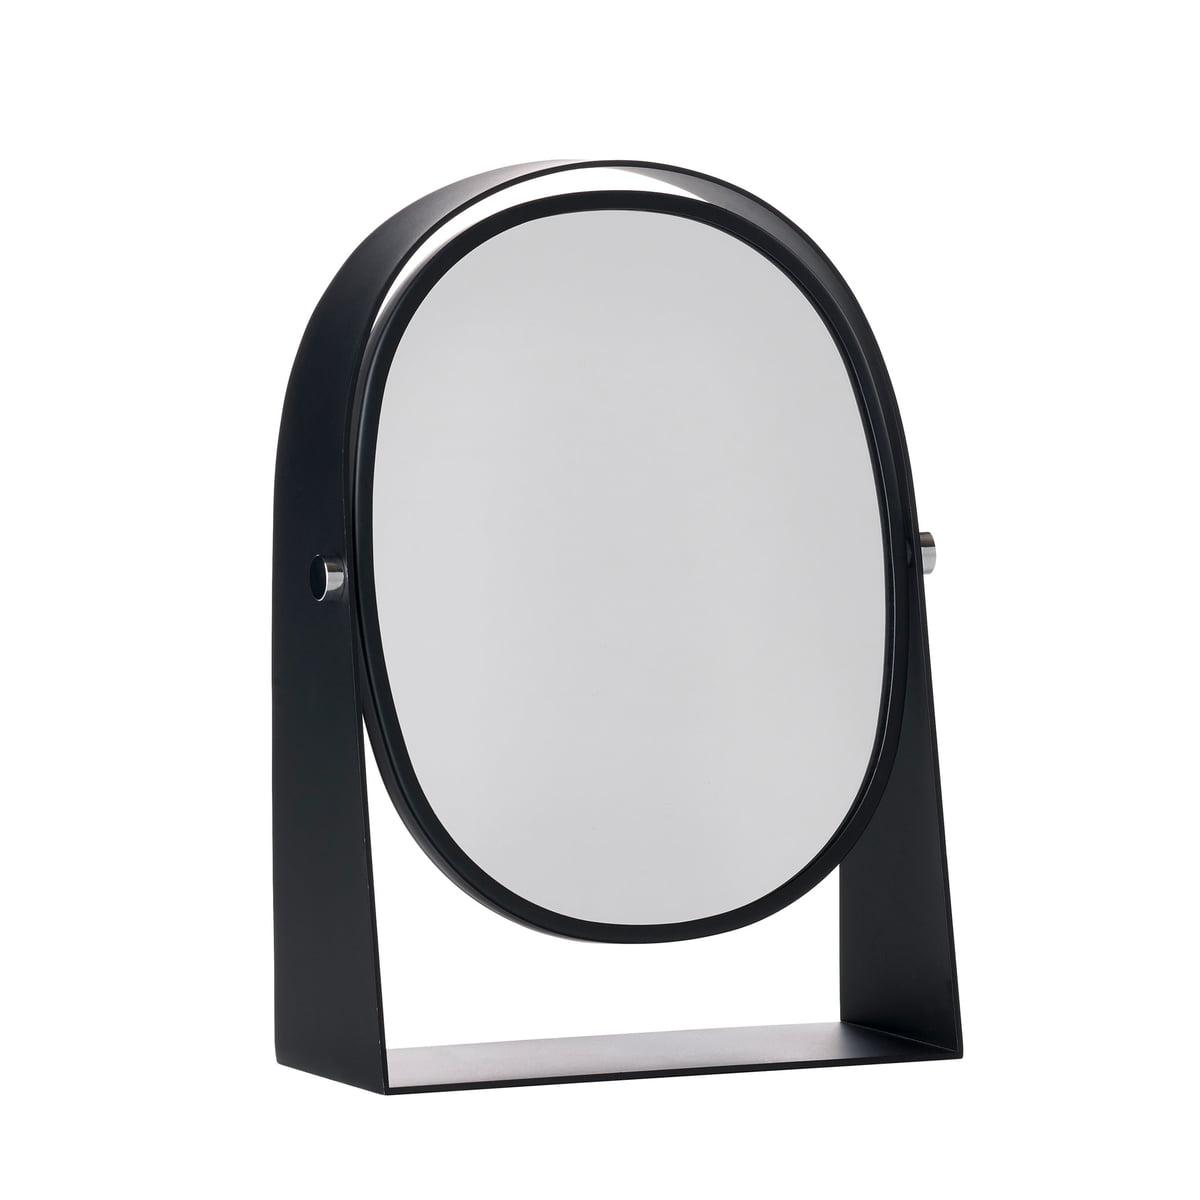 Zone Denmark - Kosmetikspiegel mit Vergrößerungseffekt oval, schwarz | Bad > Bad-Accessoires > Kosmetikspiegel | Schwarz | Spiegelglas | Zone Denmark